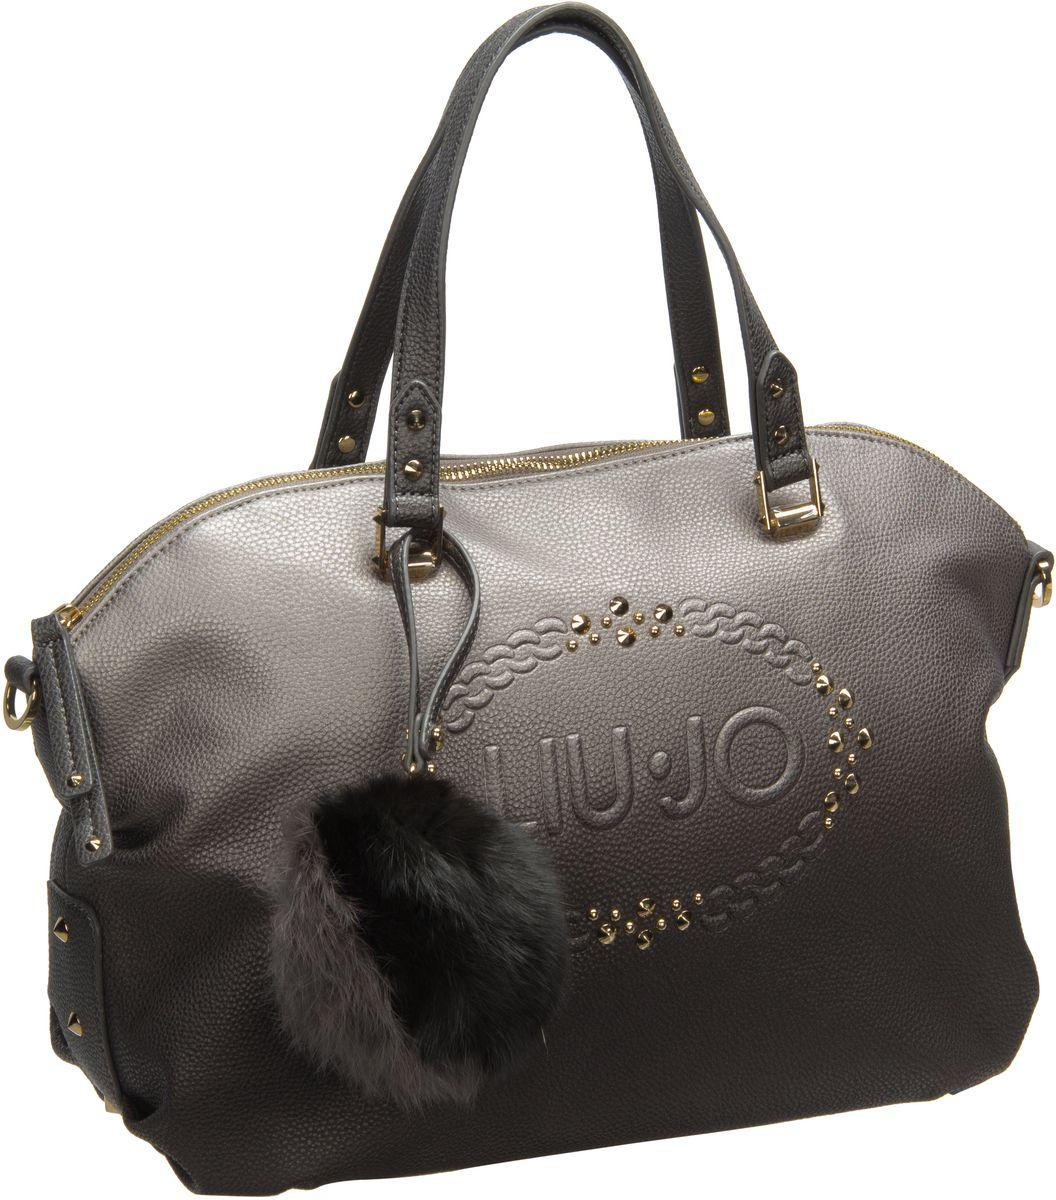 lucciola bauletto logo gun metal frozen handtasche von liu jo online kaufen handtaschenhaus. Black Bedroom Furniture Sets. Home Design Ideas